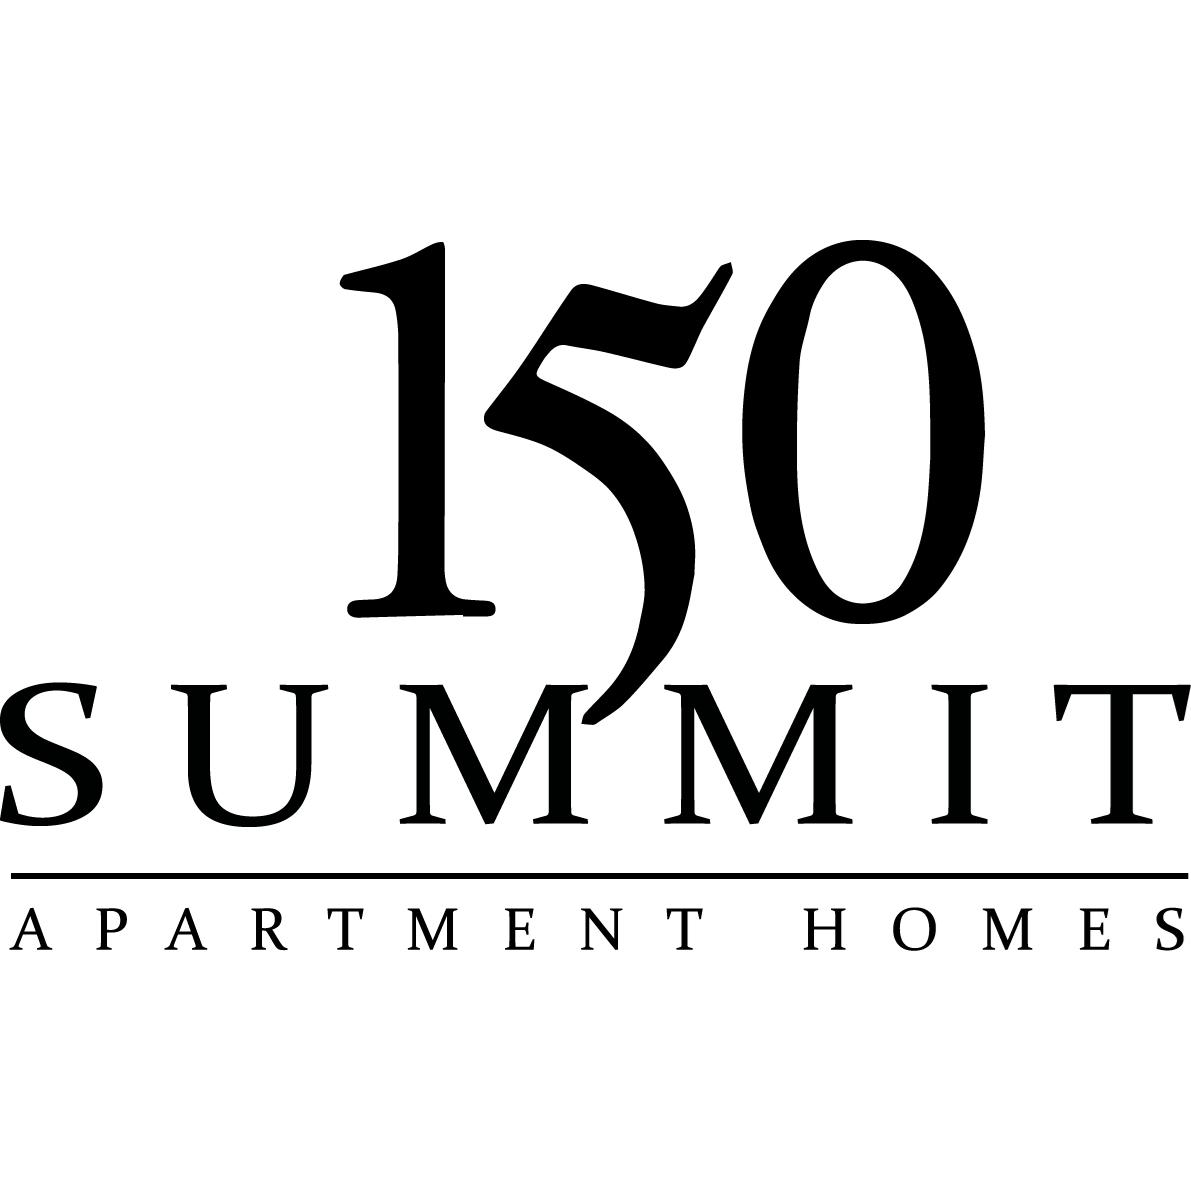 150 Summit